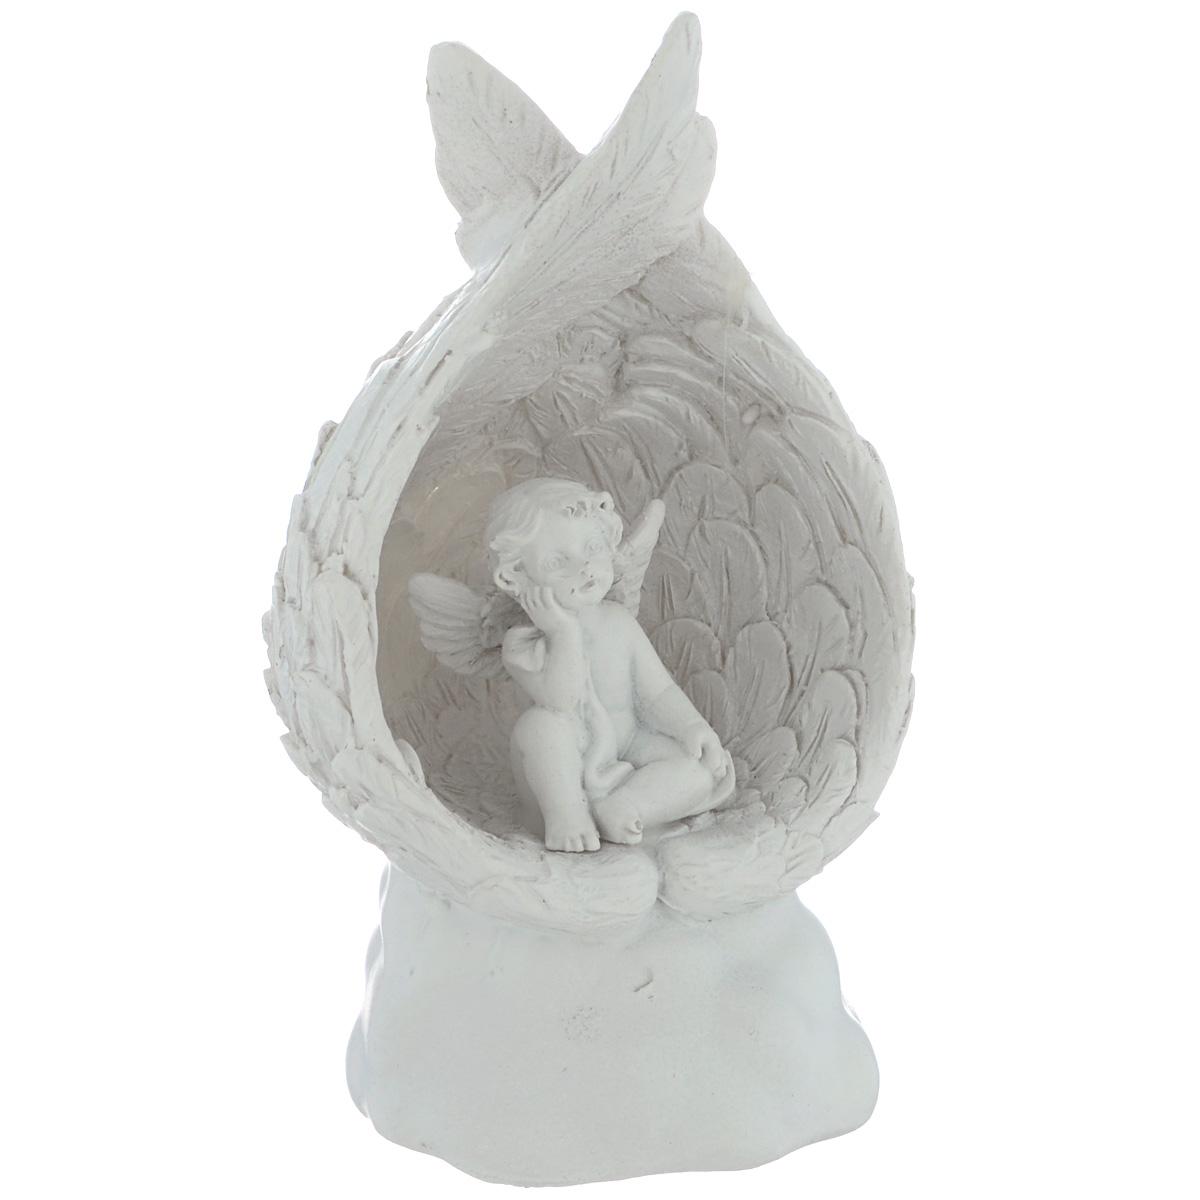 Фигурка декоративная Ангел на крыльях, с подсветкой, высота 12,5 см36679Декоративная фигурка Ангел на крыльях изготовлена из полирезины. Изделие оснащено внутренней подсветкой, меняющей цвет свечения. Такая фигурка будет потрясающе смотреться в интерьере комнаты и станет прекрасным сувениром к любому случаю. Работает от 2 батареек типа LR44 (входят в комплект). Мощность: 0,1 Вт. Напряжение: 3,25 В.